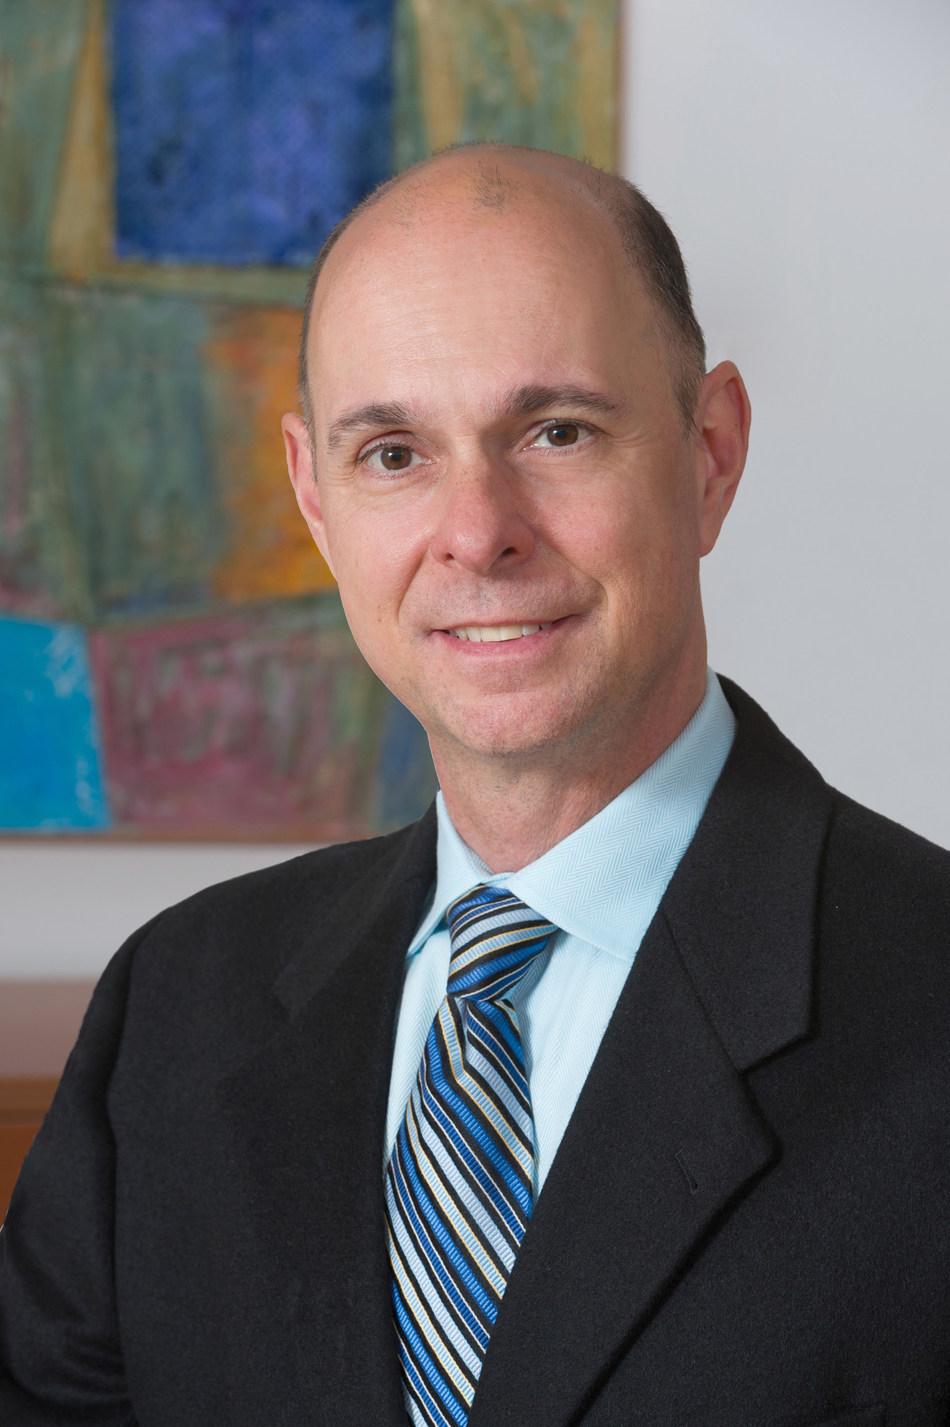 Thomas D. Twedt, ShulmanRogers.com